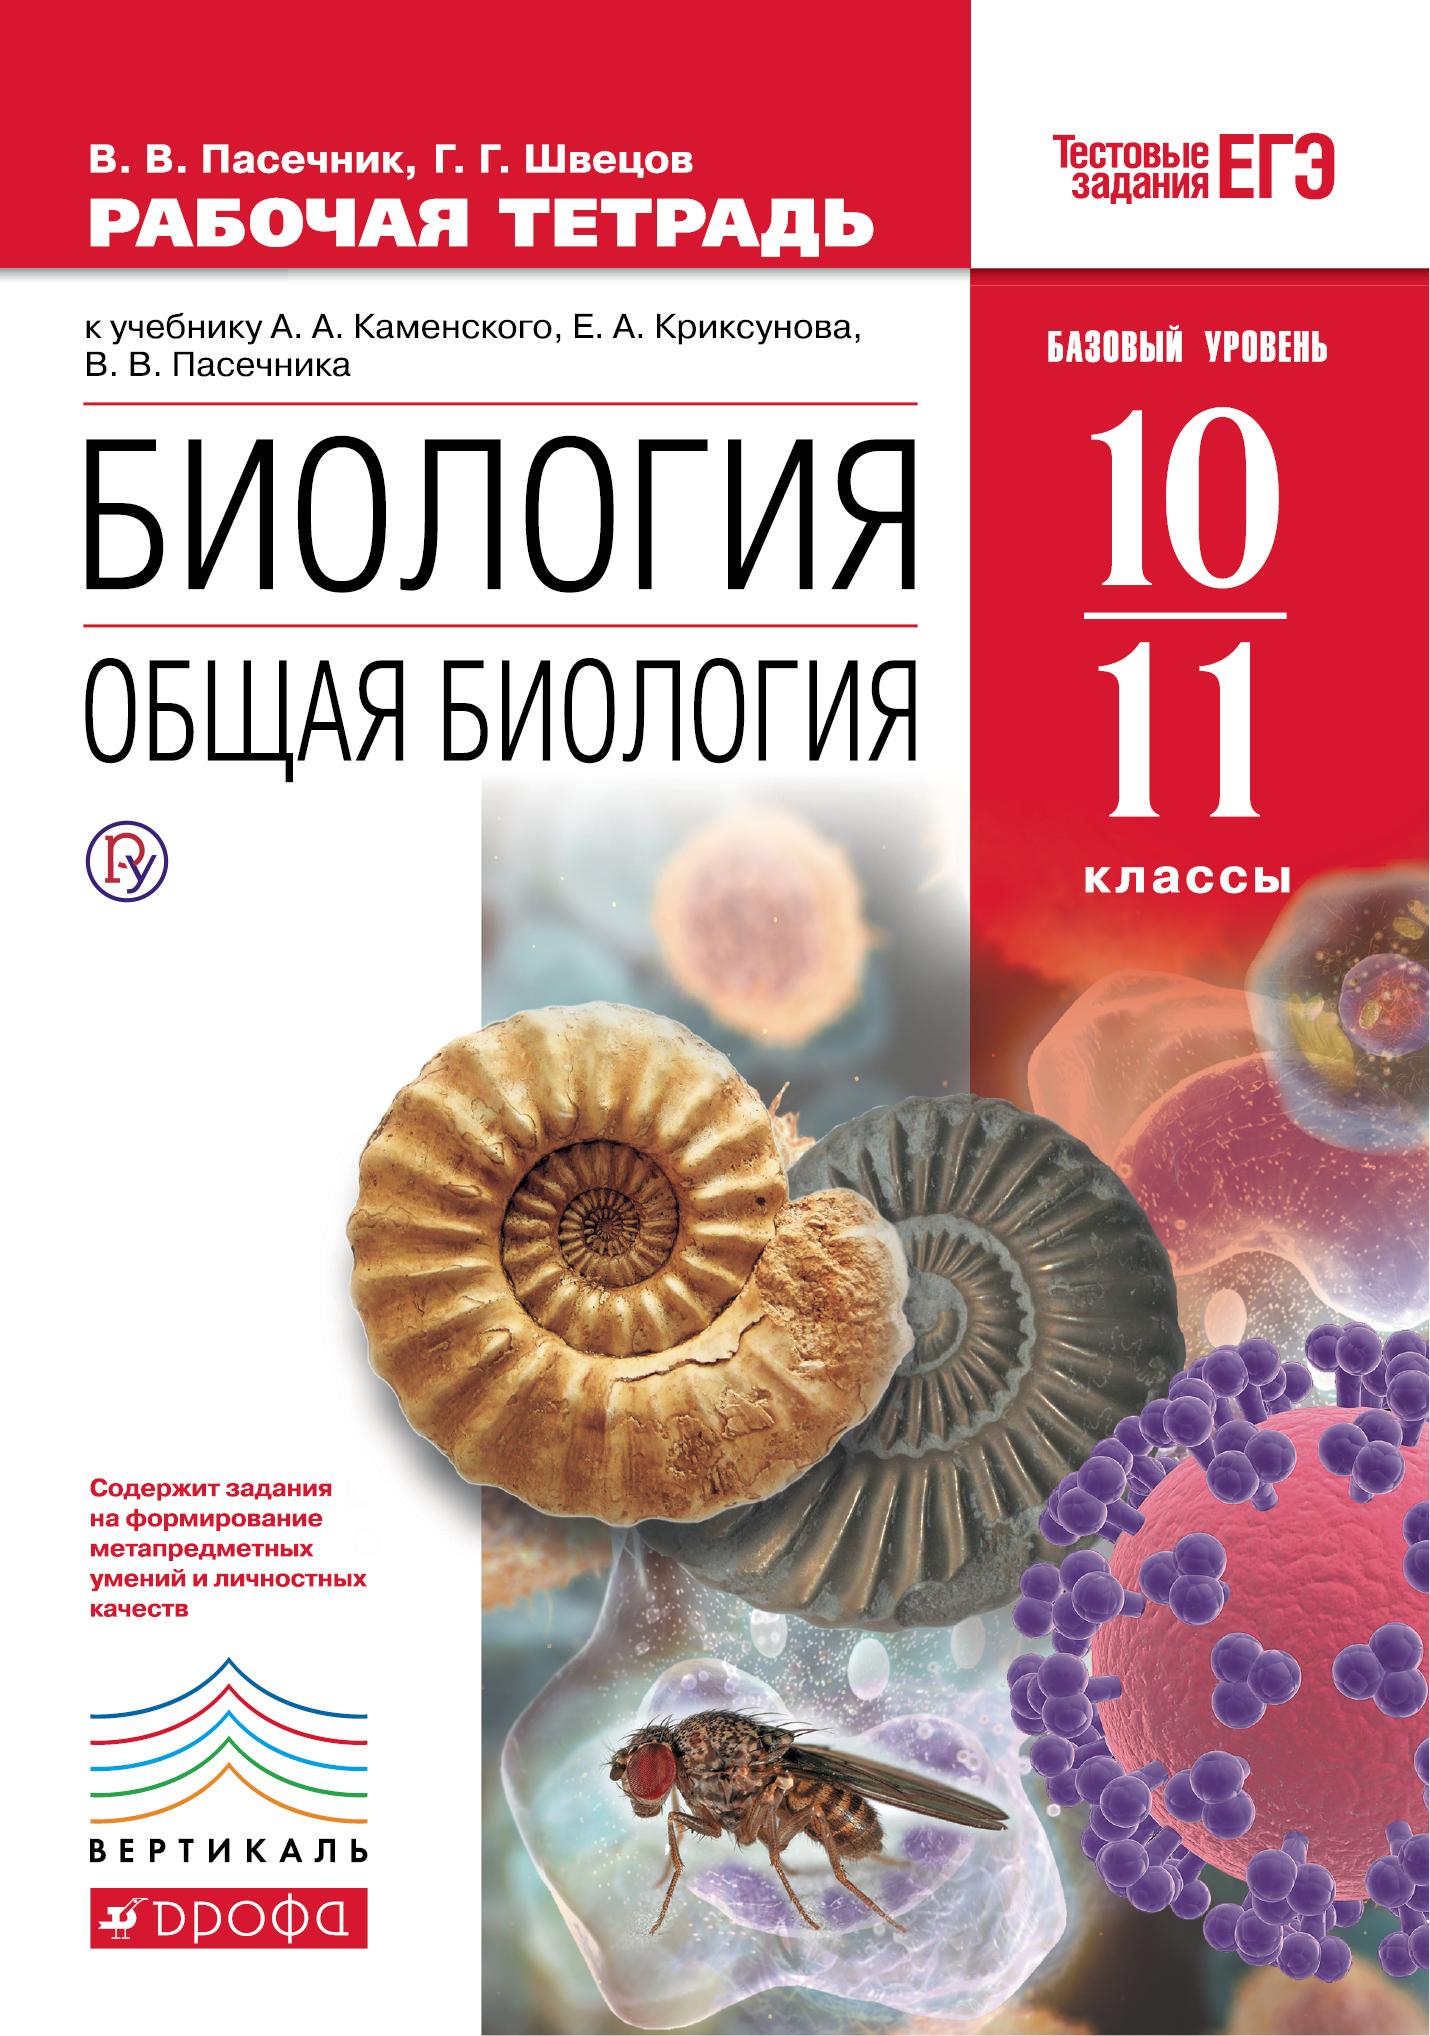 Биология. Общая биология.10-11 классы. Базовый уровень. Рабочая тетрадь ( Пасечник В.В., Швецов Г.Г.  )